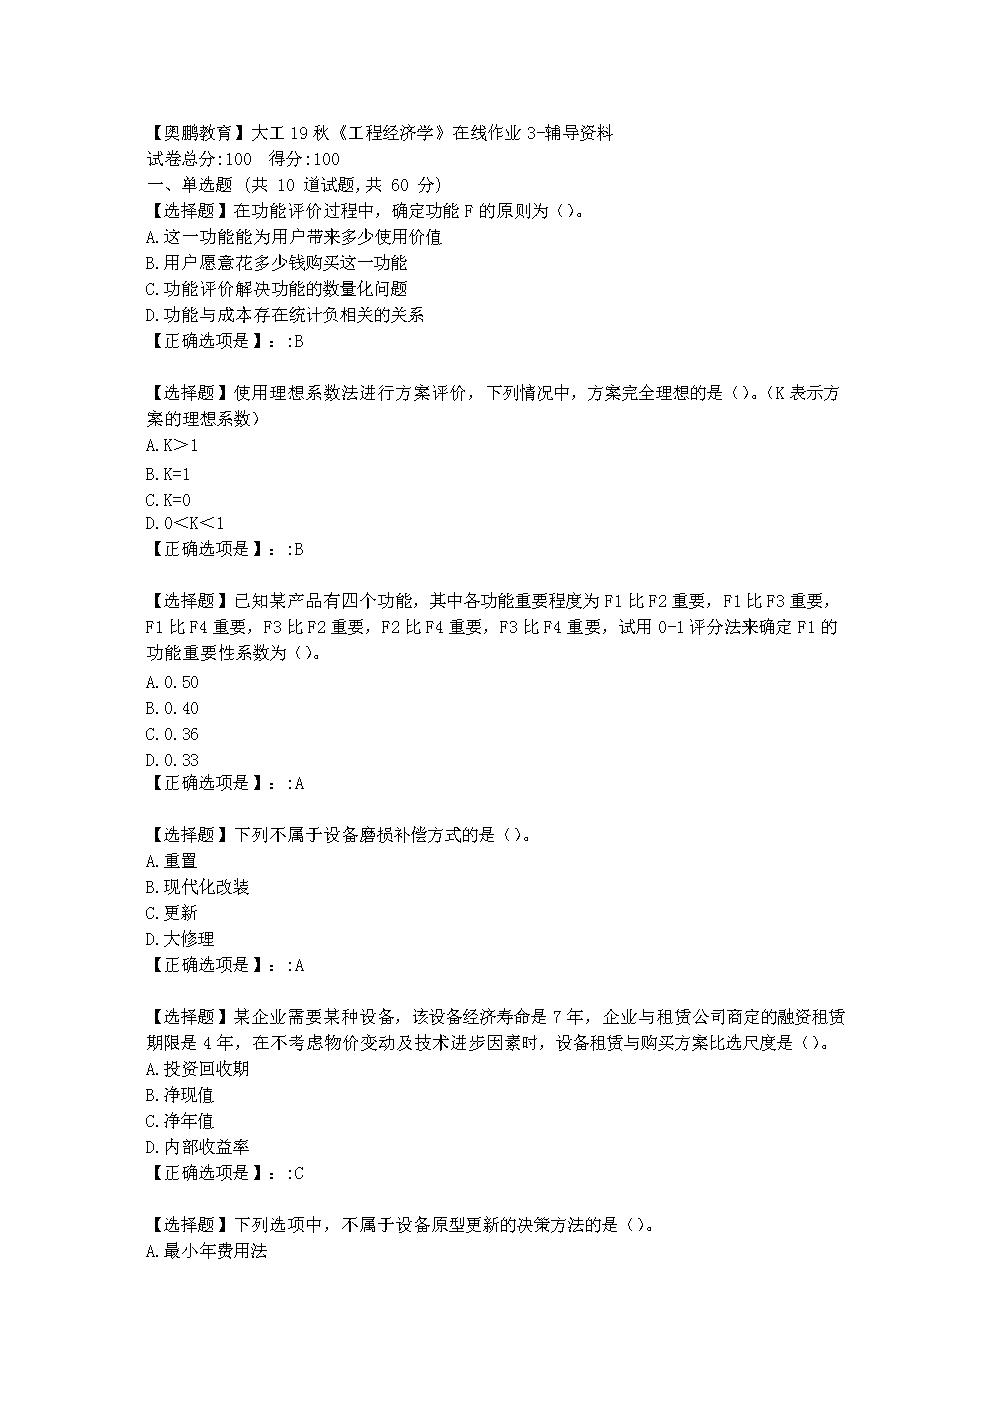 大连理工大学19秋《工程经济学》在线作业3学习资料.doc